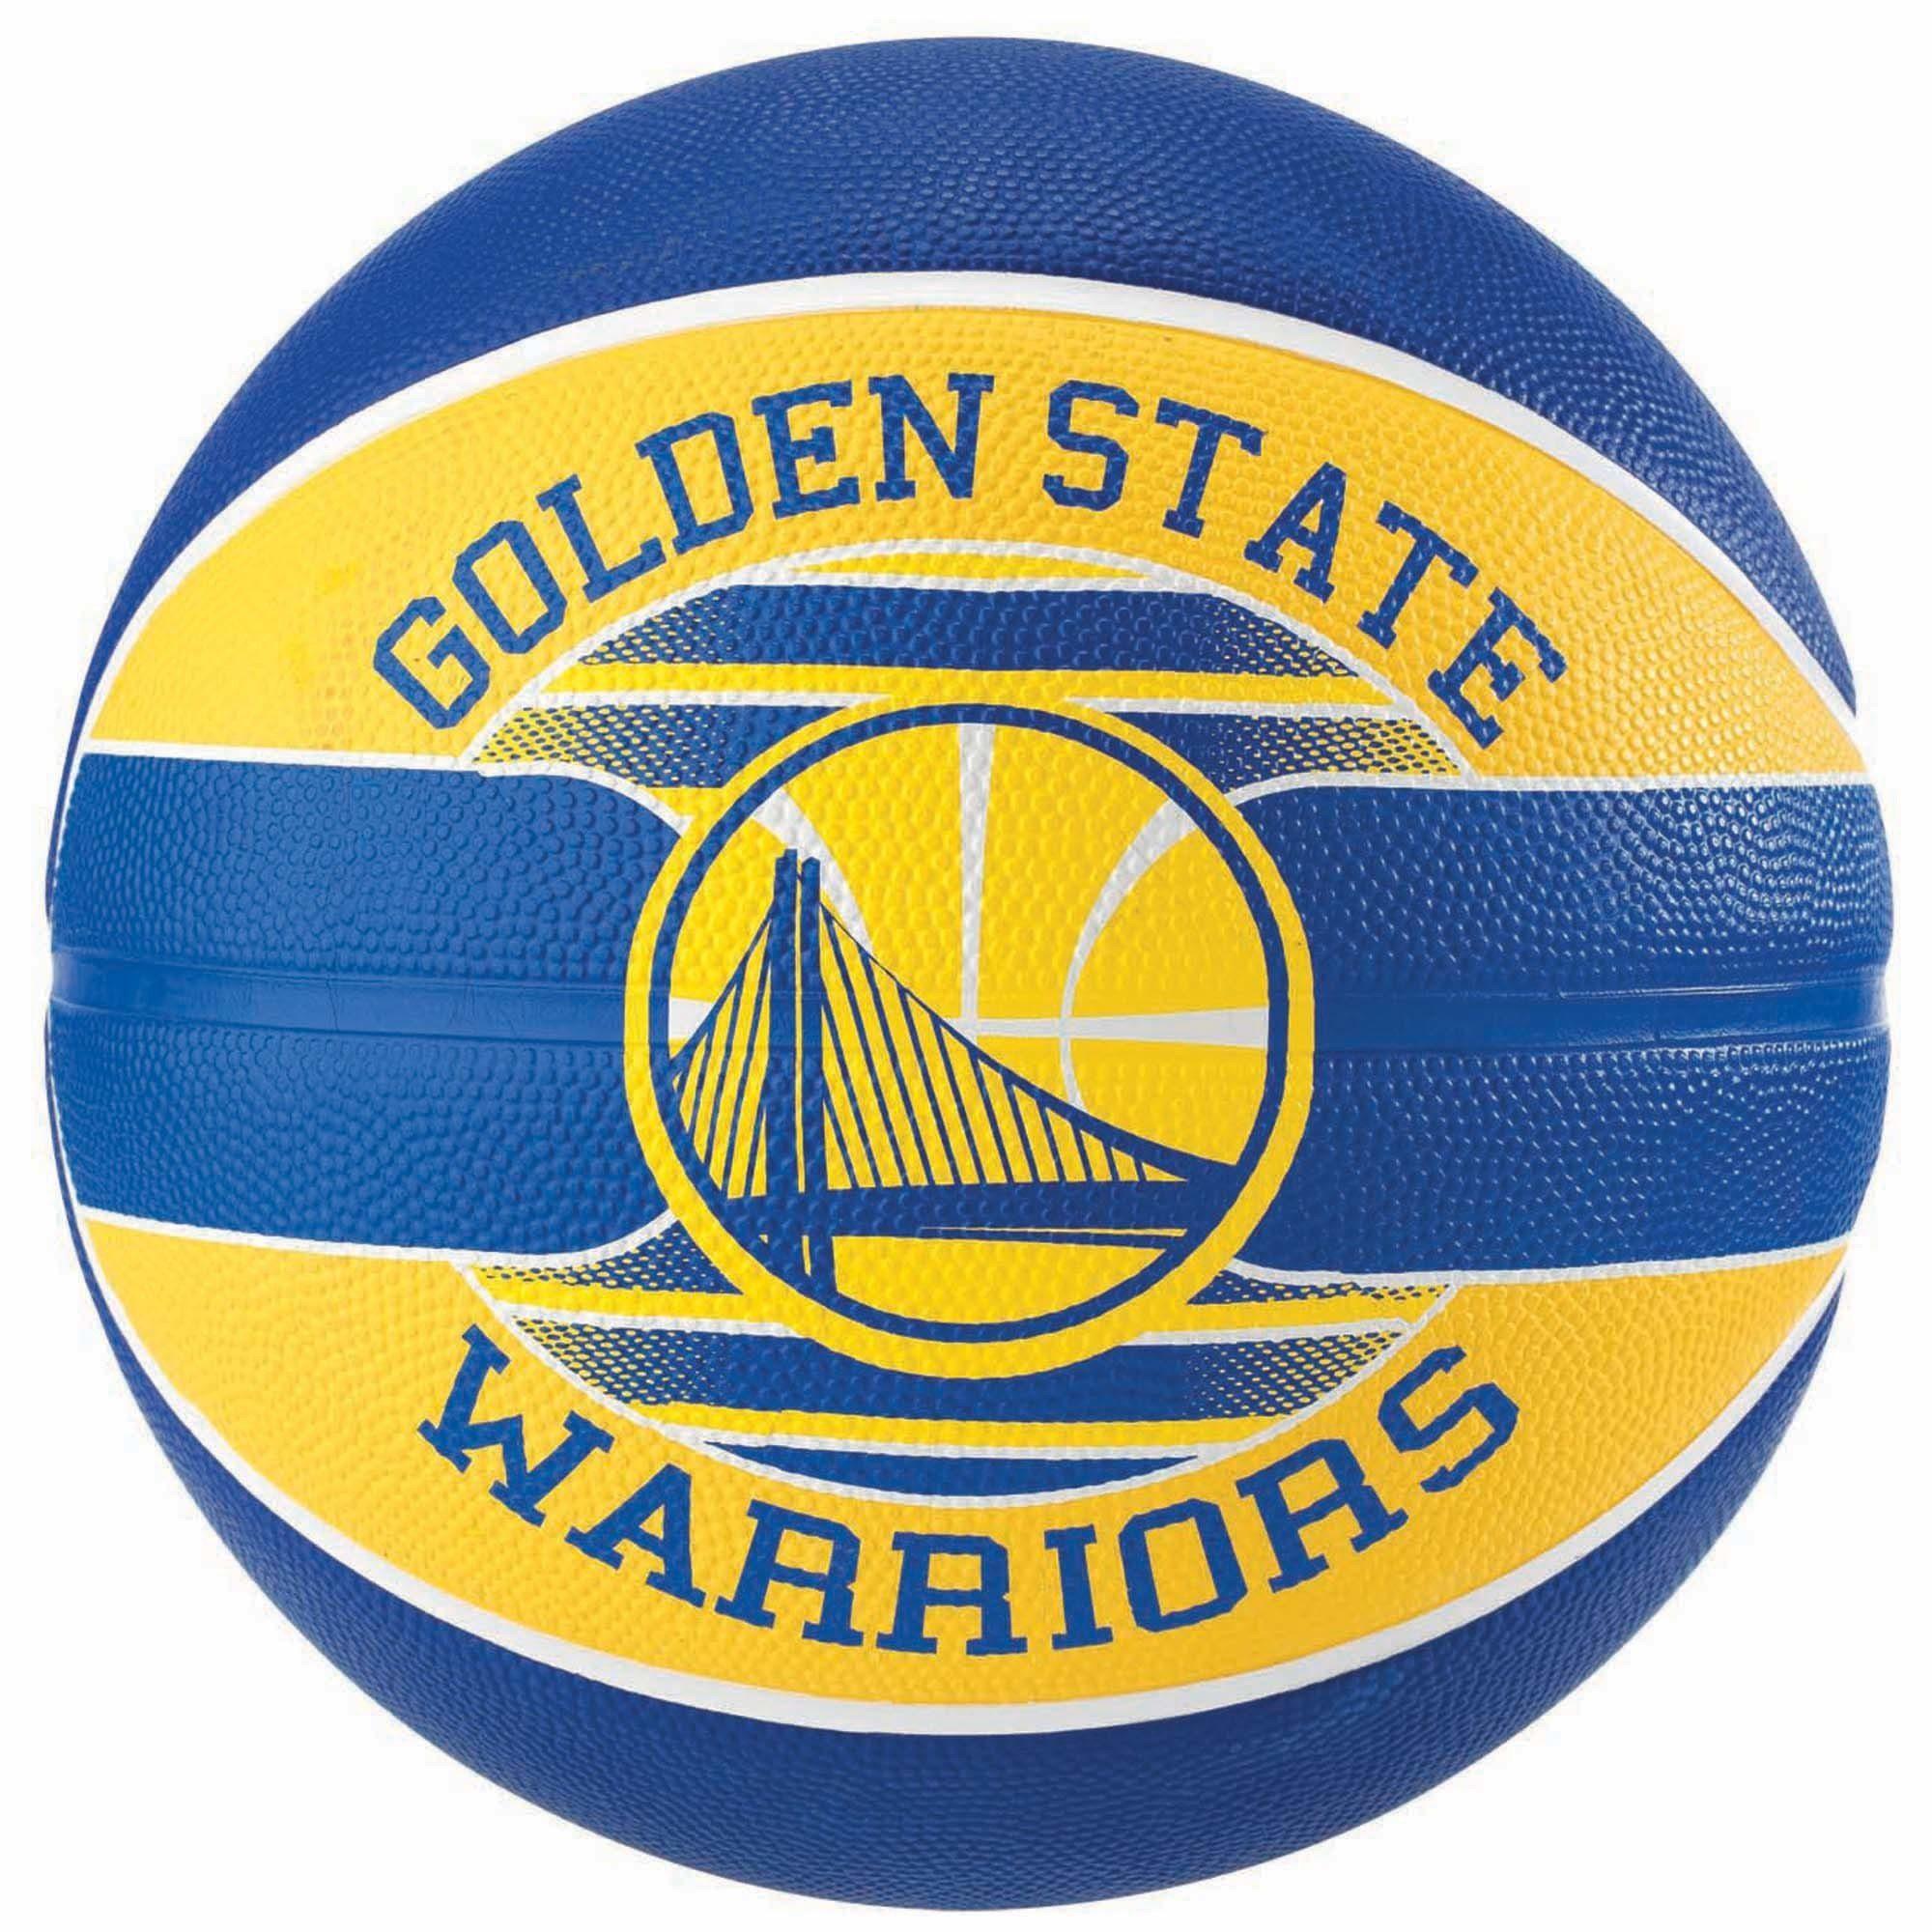 Spalding NBA Team Golden State Warriors Outdoor Basketball